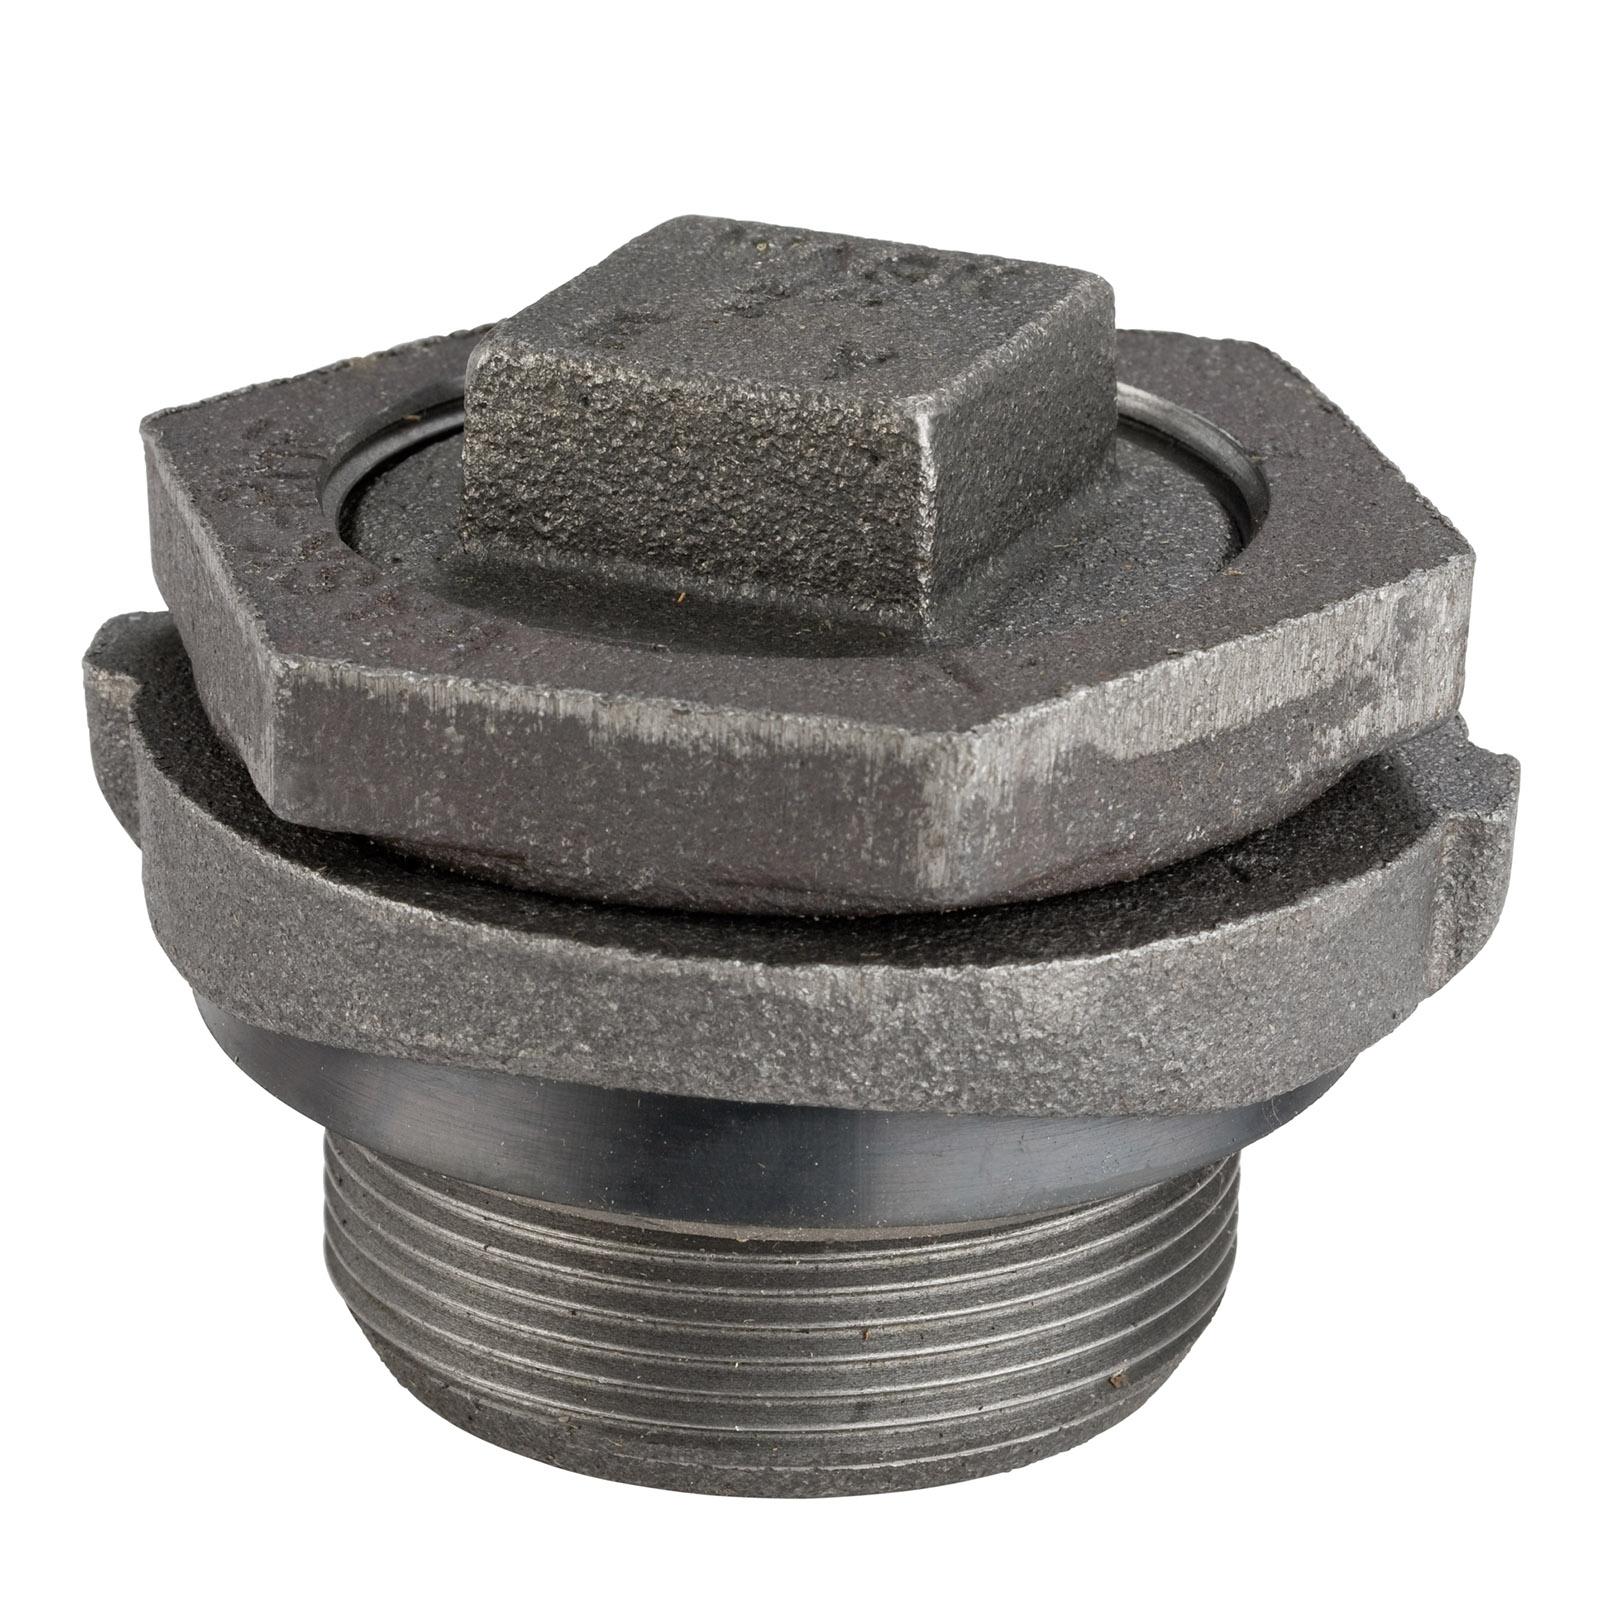 EMID Completion Plug